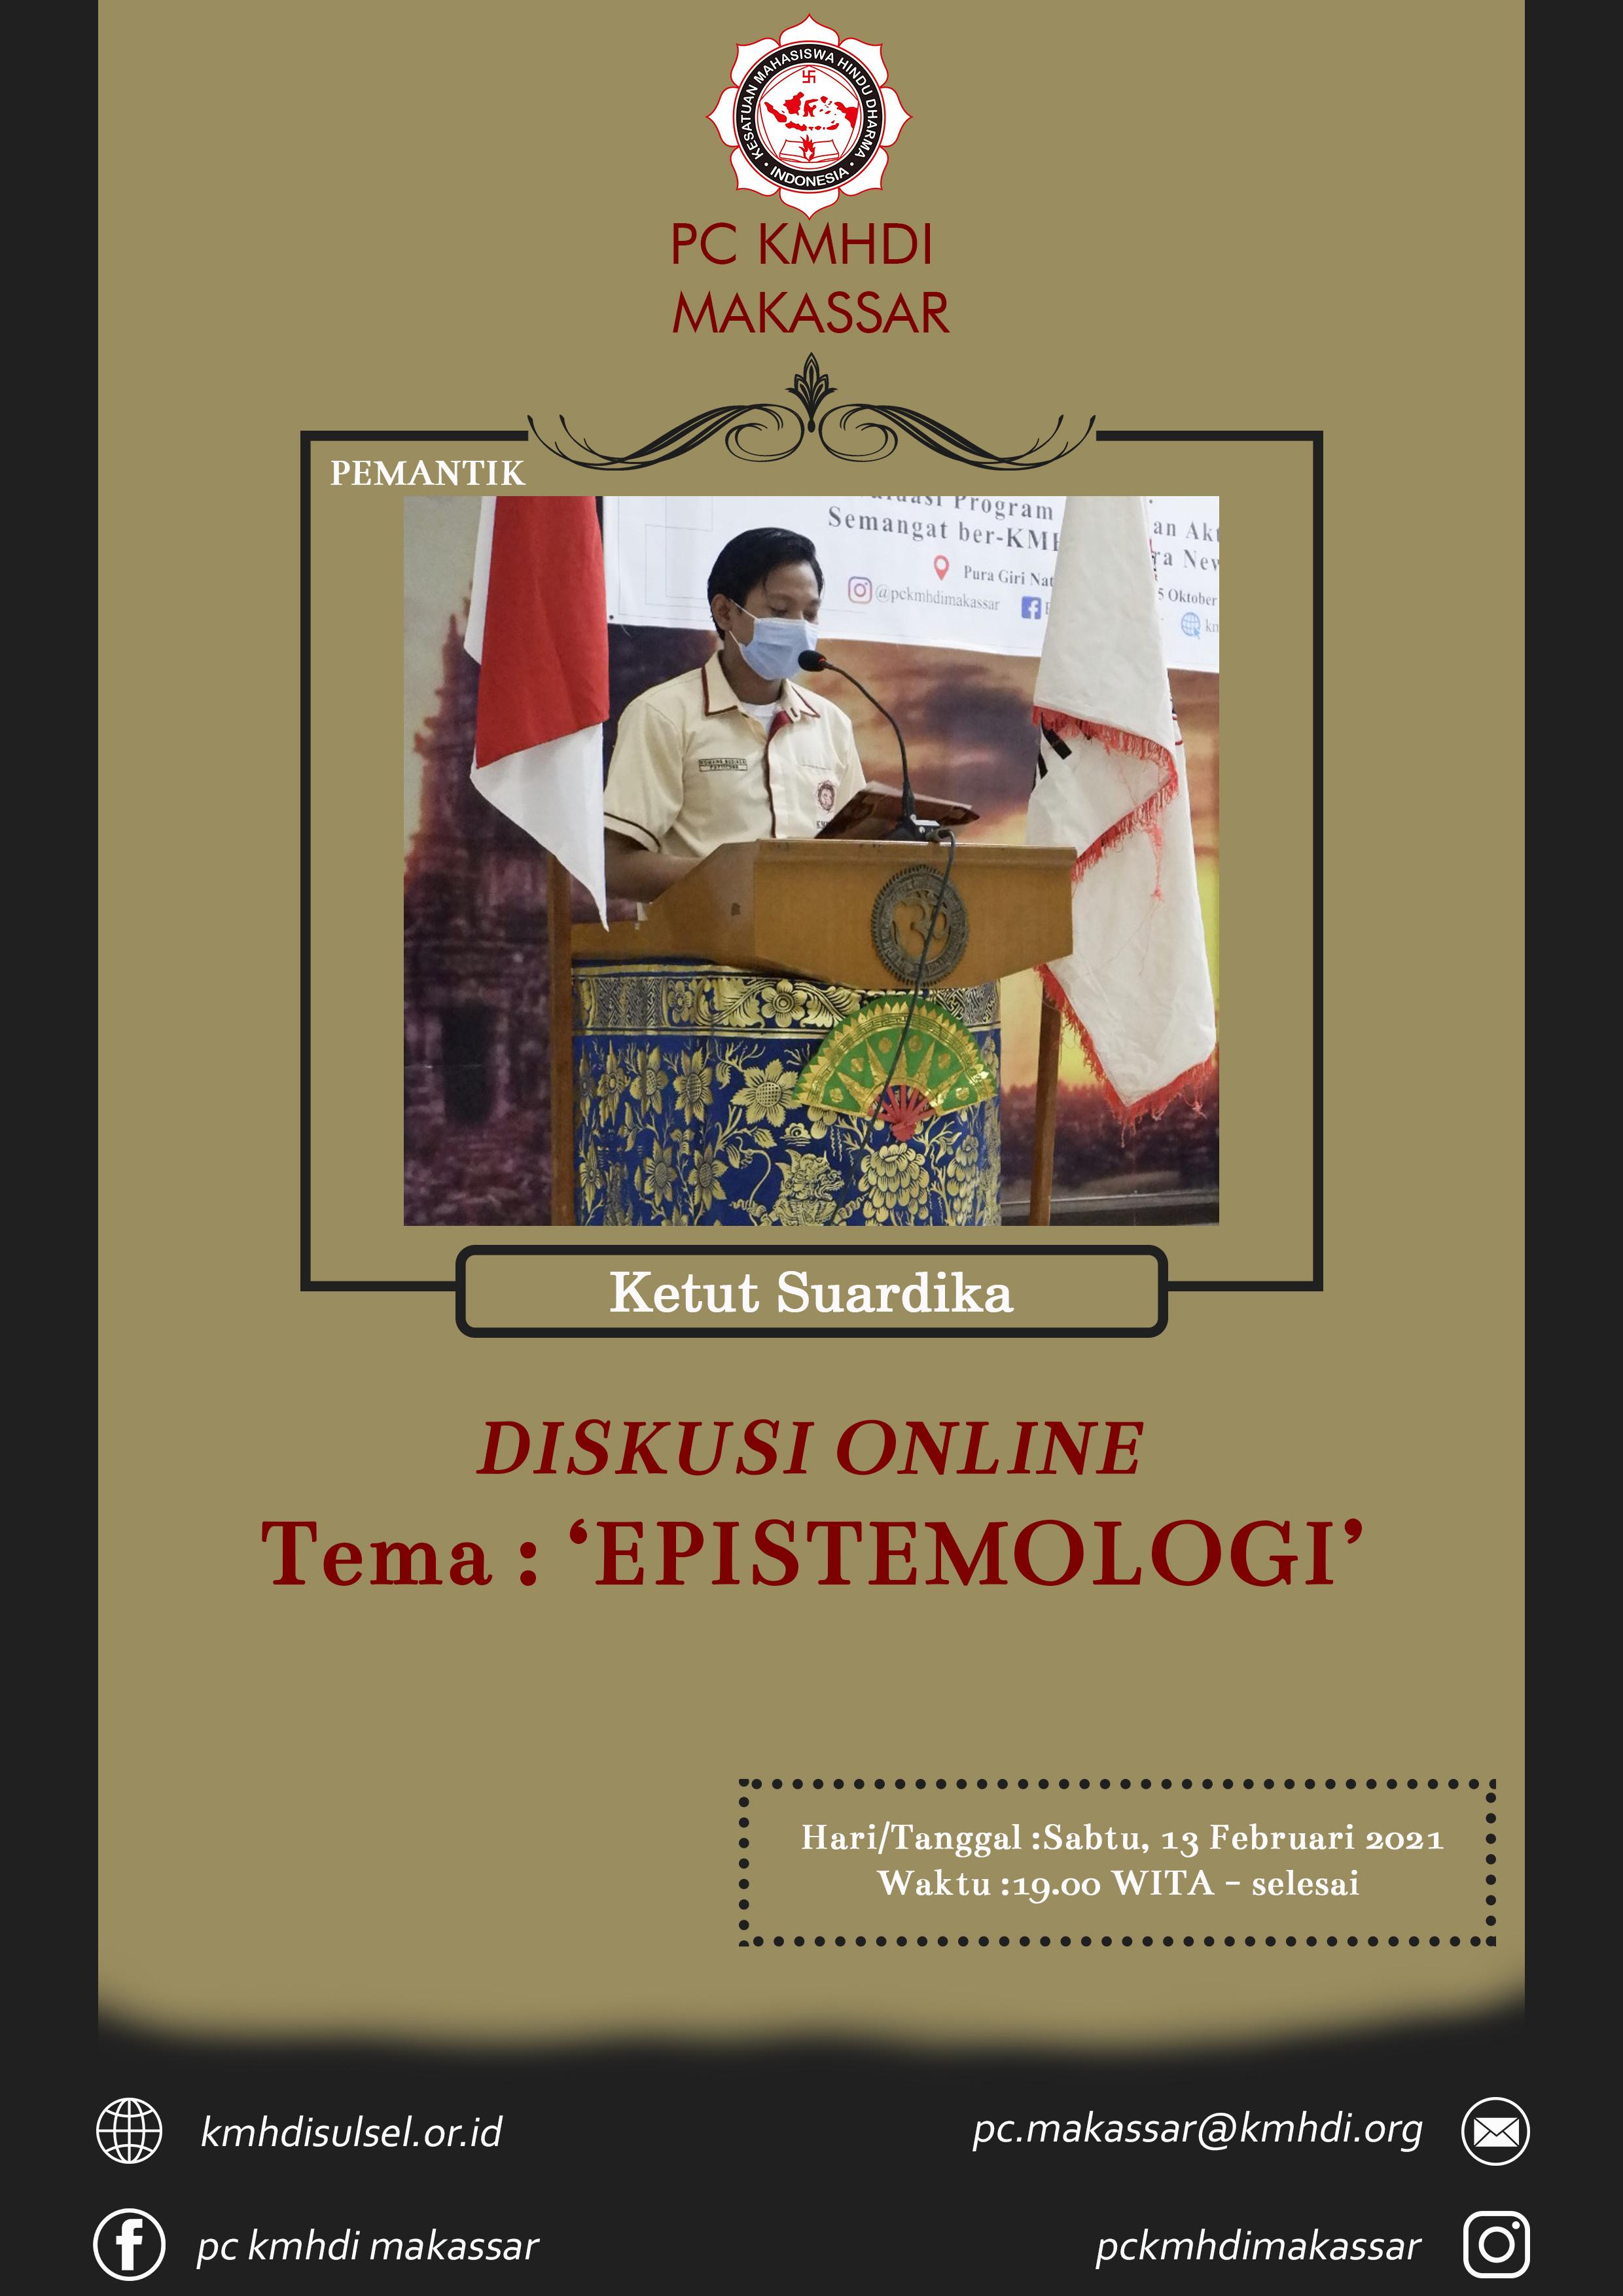 PC KMHDI Makassar Gelar Diskusi Online Tentang EPISTEMOLOGI